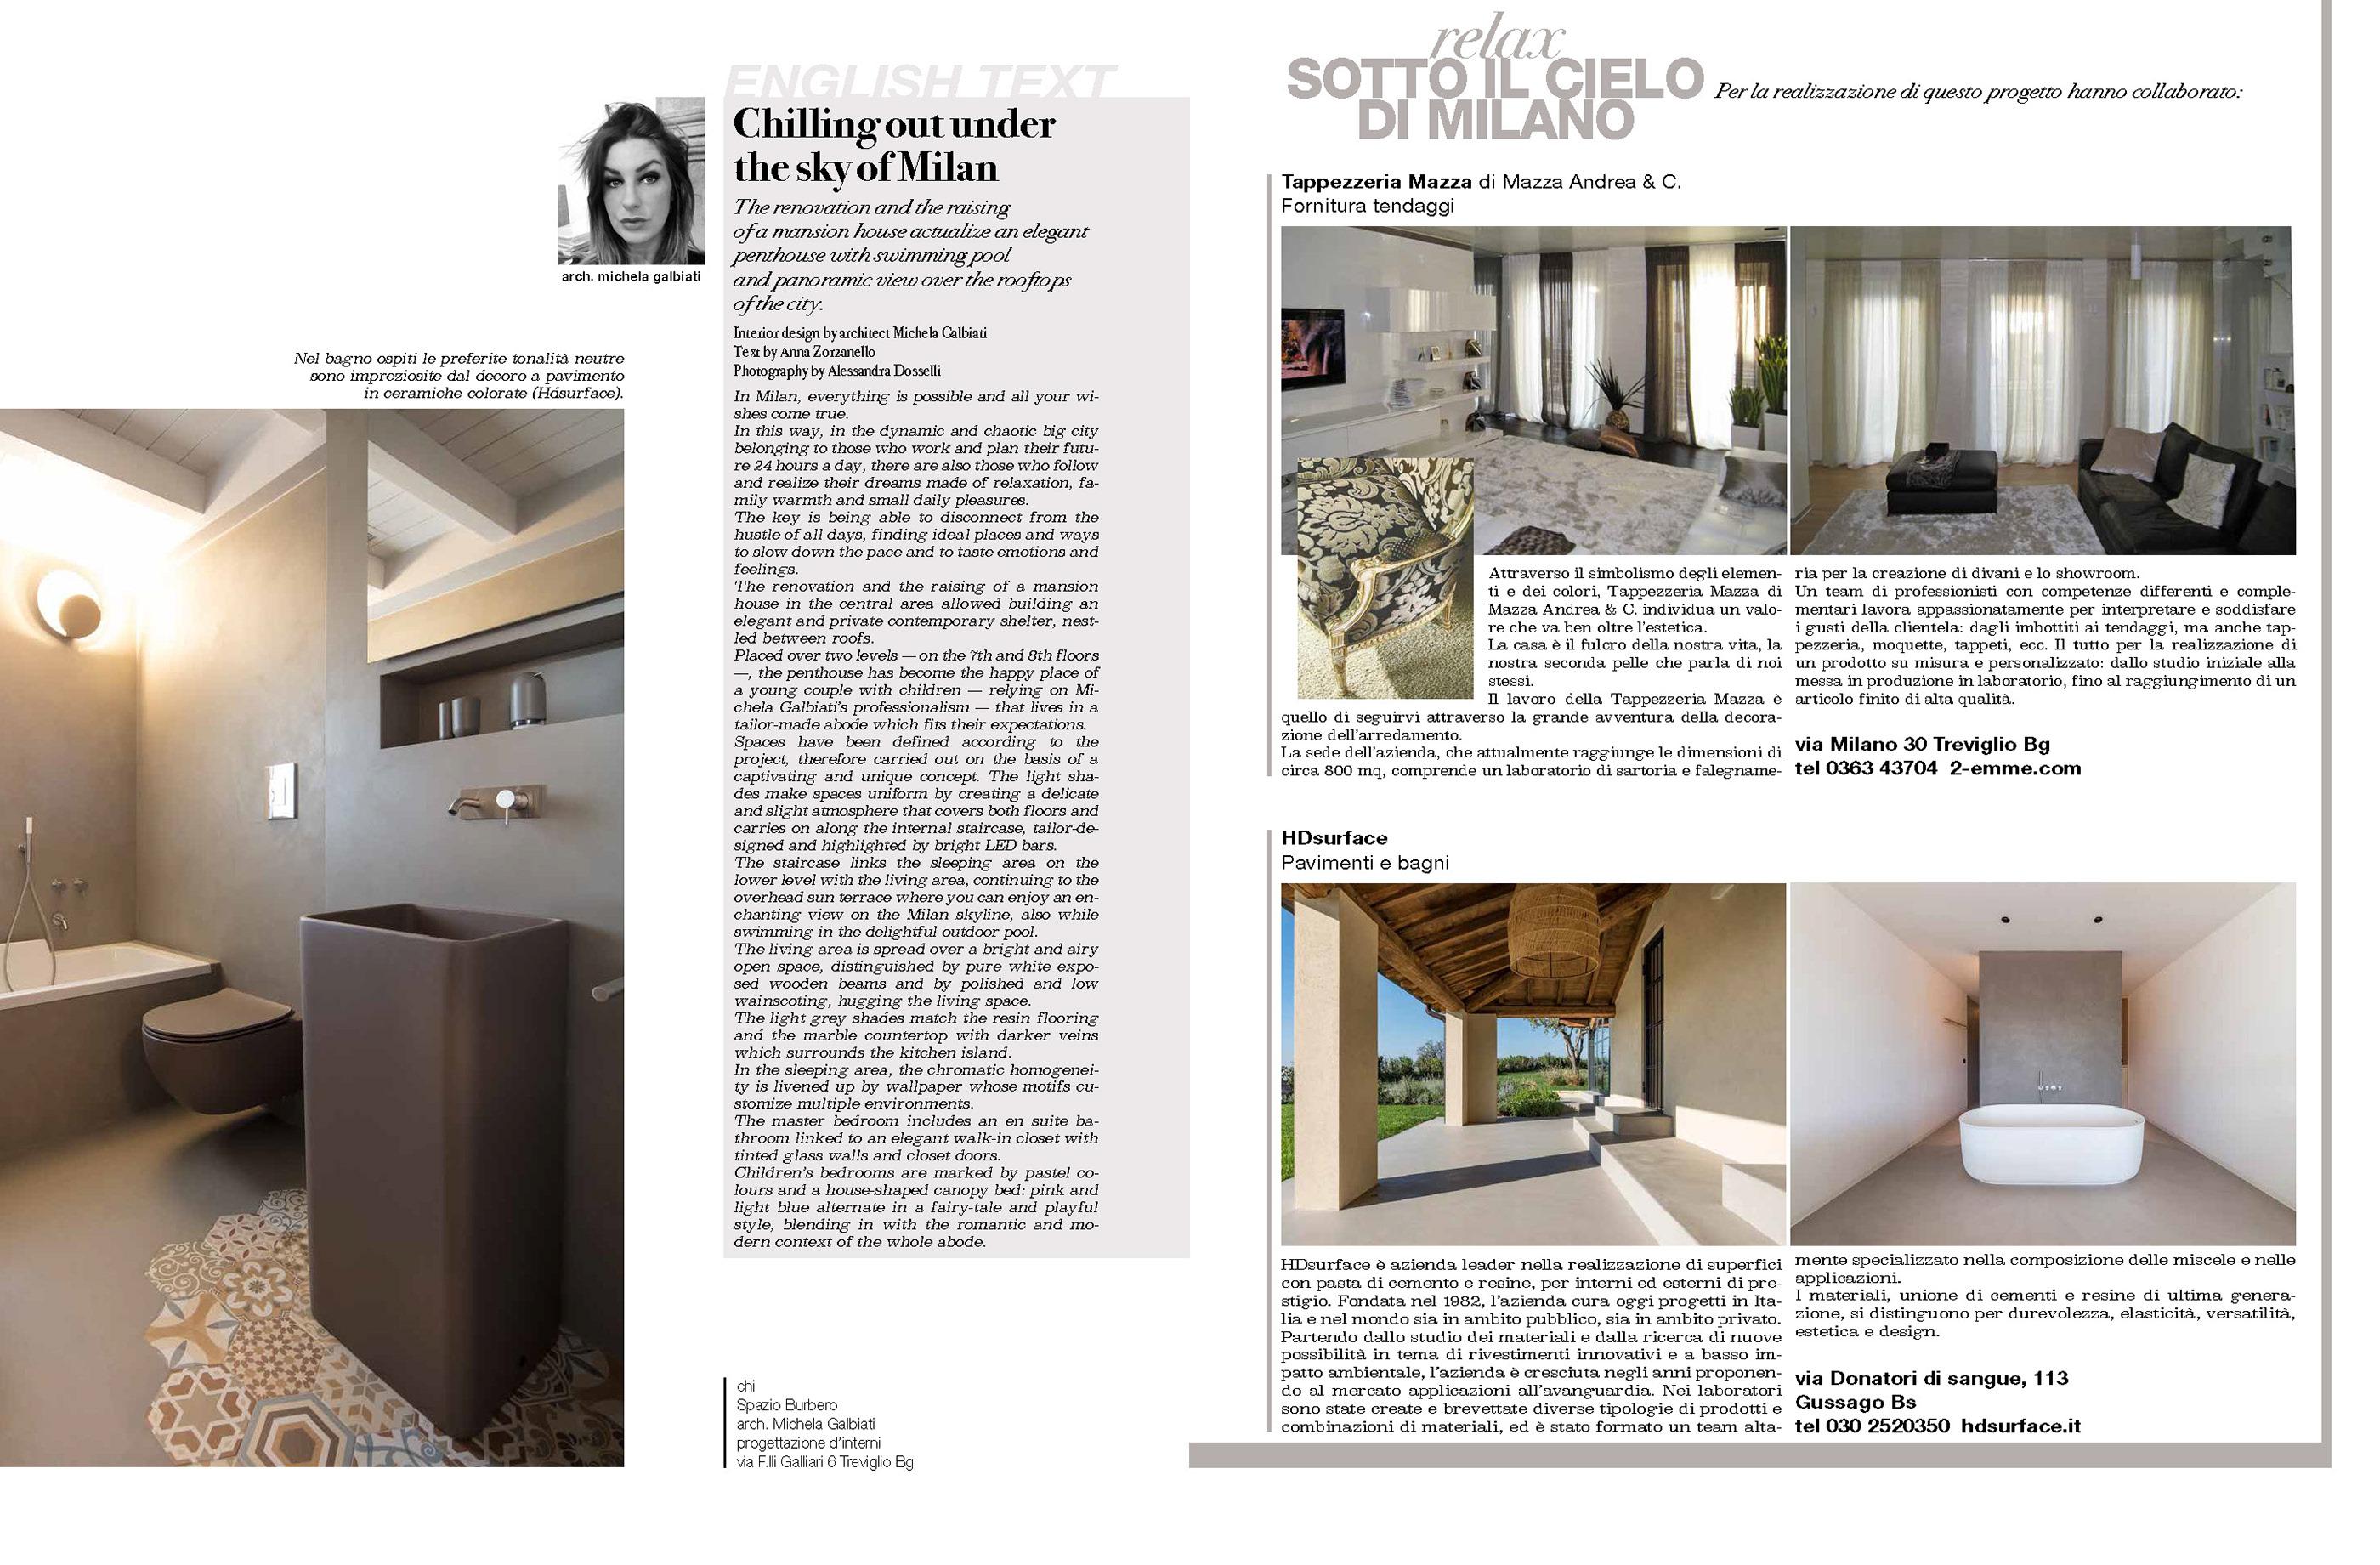 Forniture Per Tappezzieri Milano dentro casa interiors architecture on behance